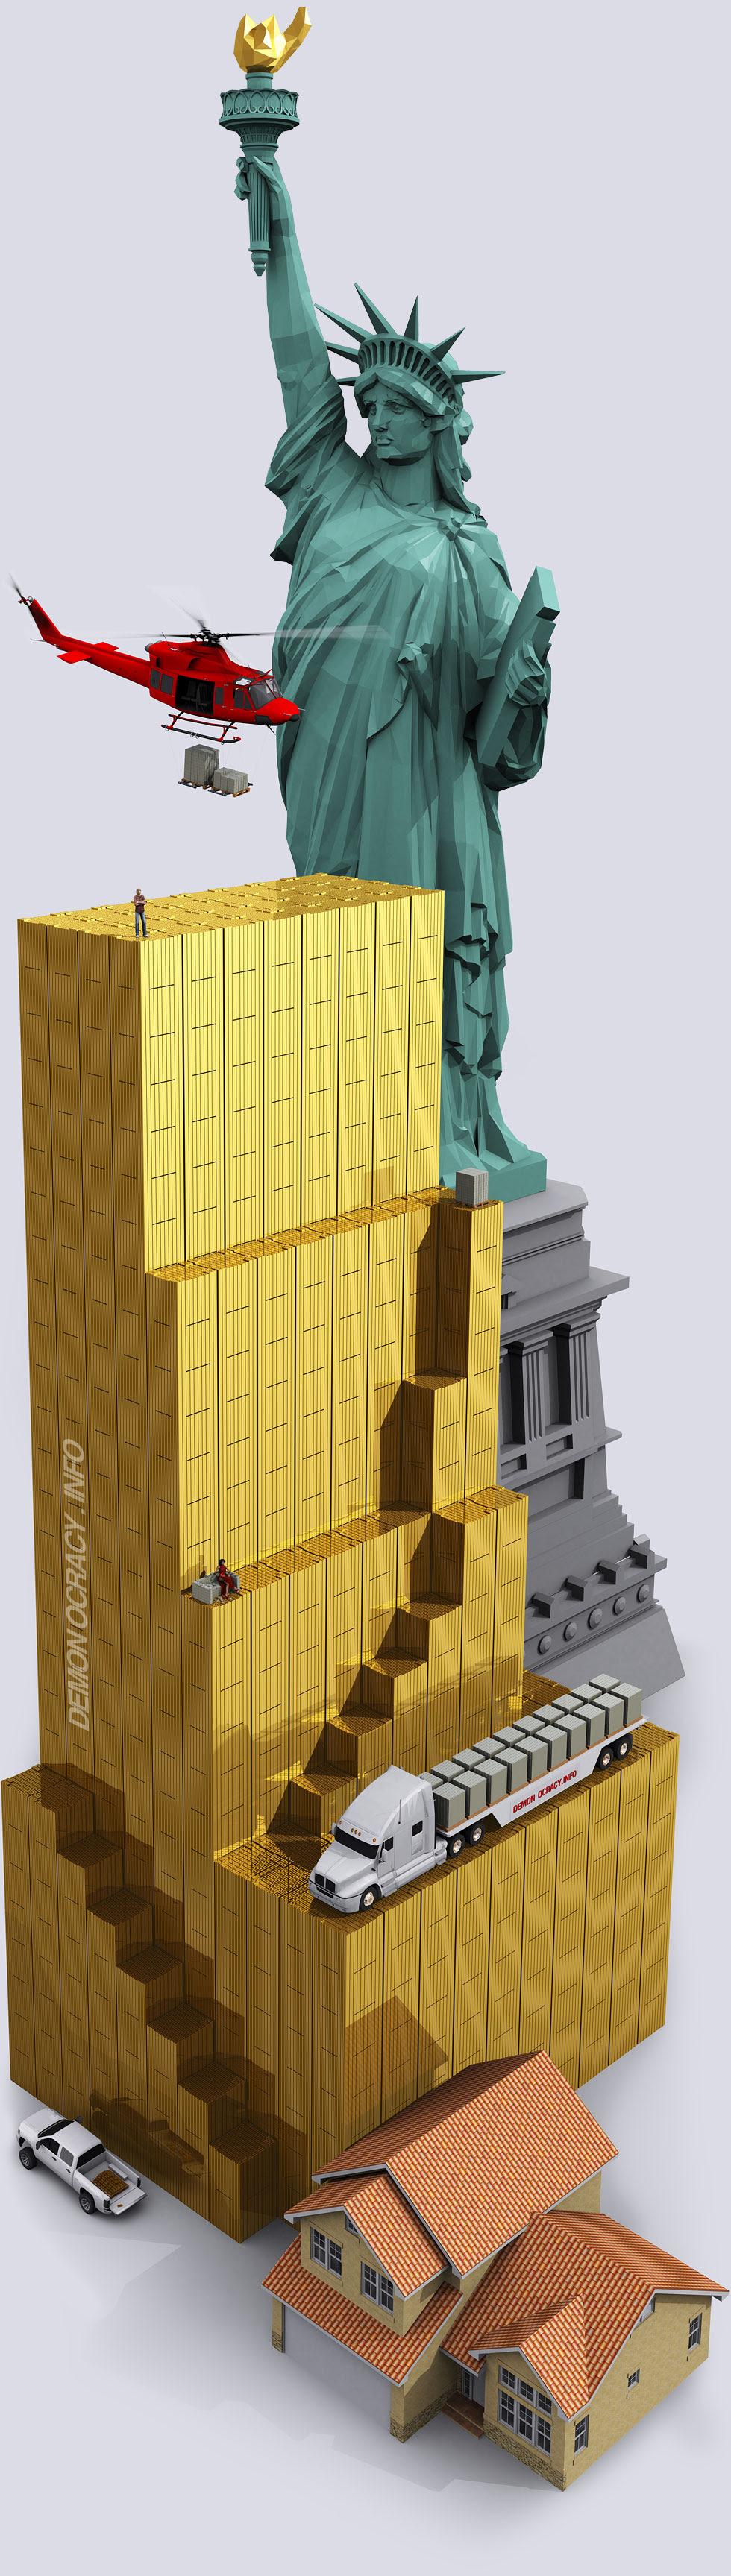 Alles Gold weltweit